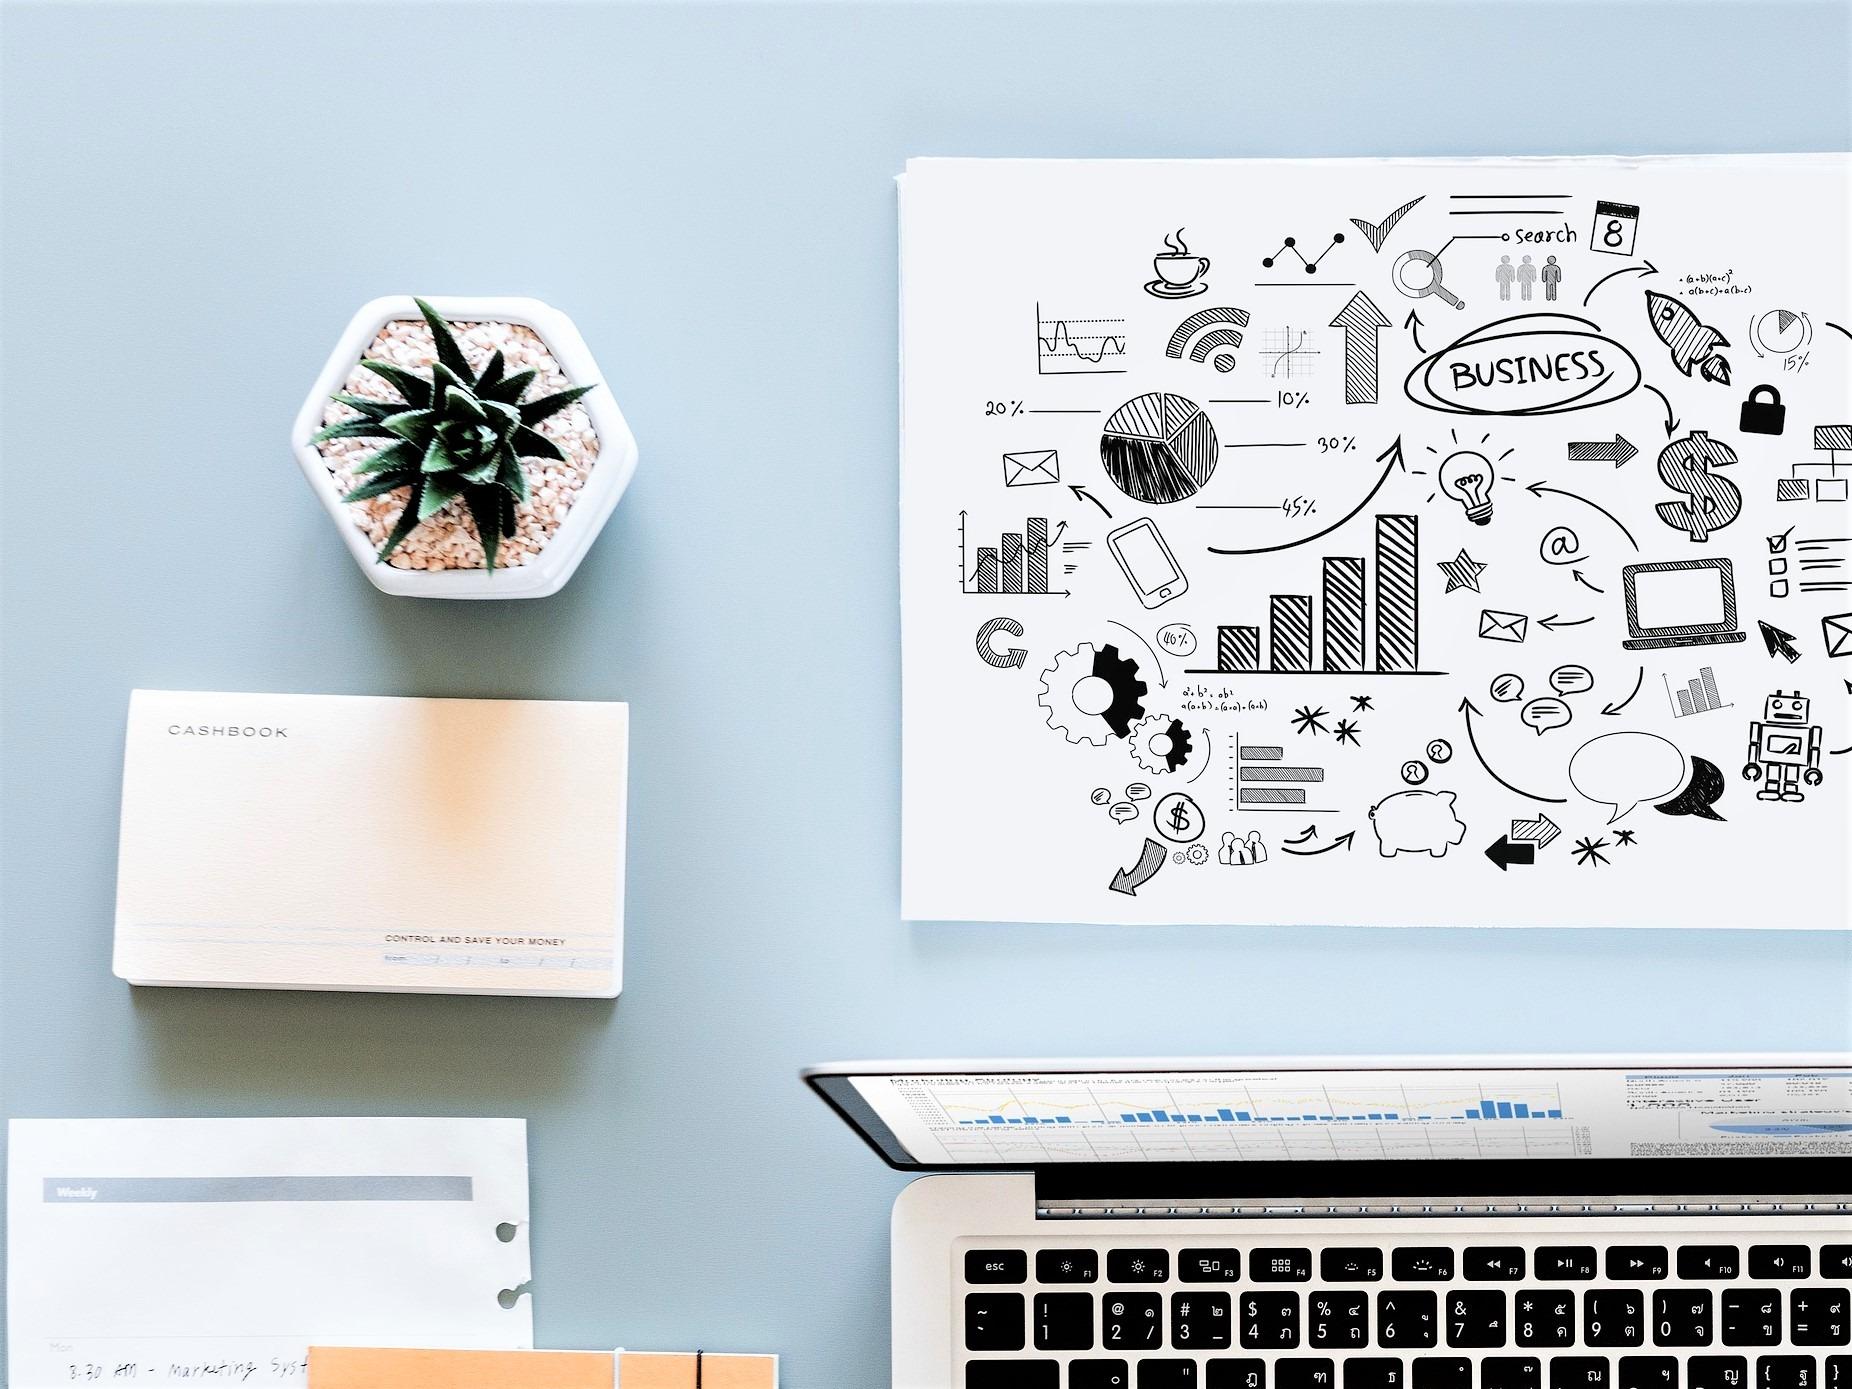 Utveckla din redovisningsbyrå - Bygg en organisation på målriktade funktioner